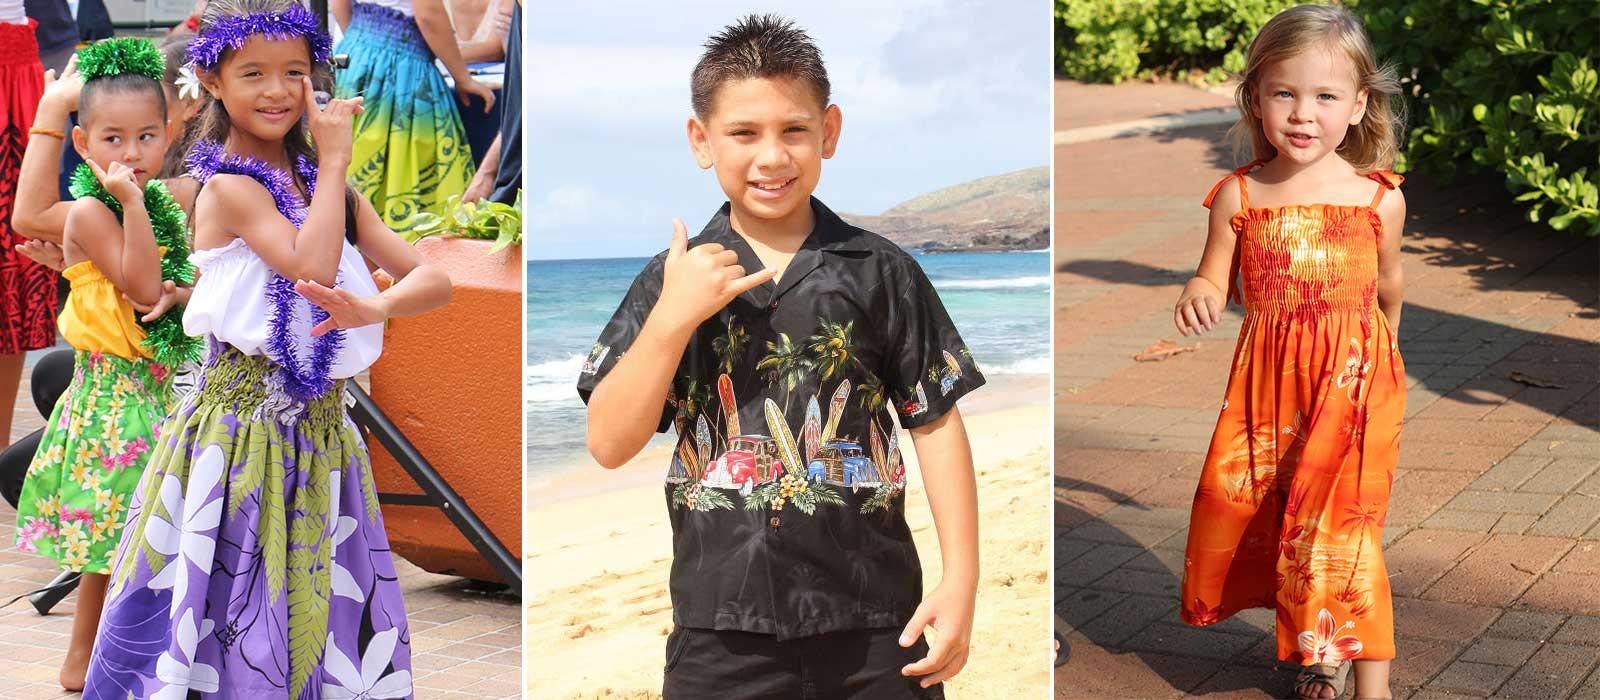 Hawaiian Clothing Aloha Shirts Free Shipping From